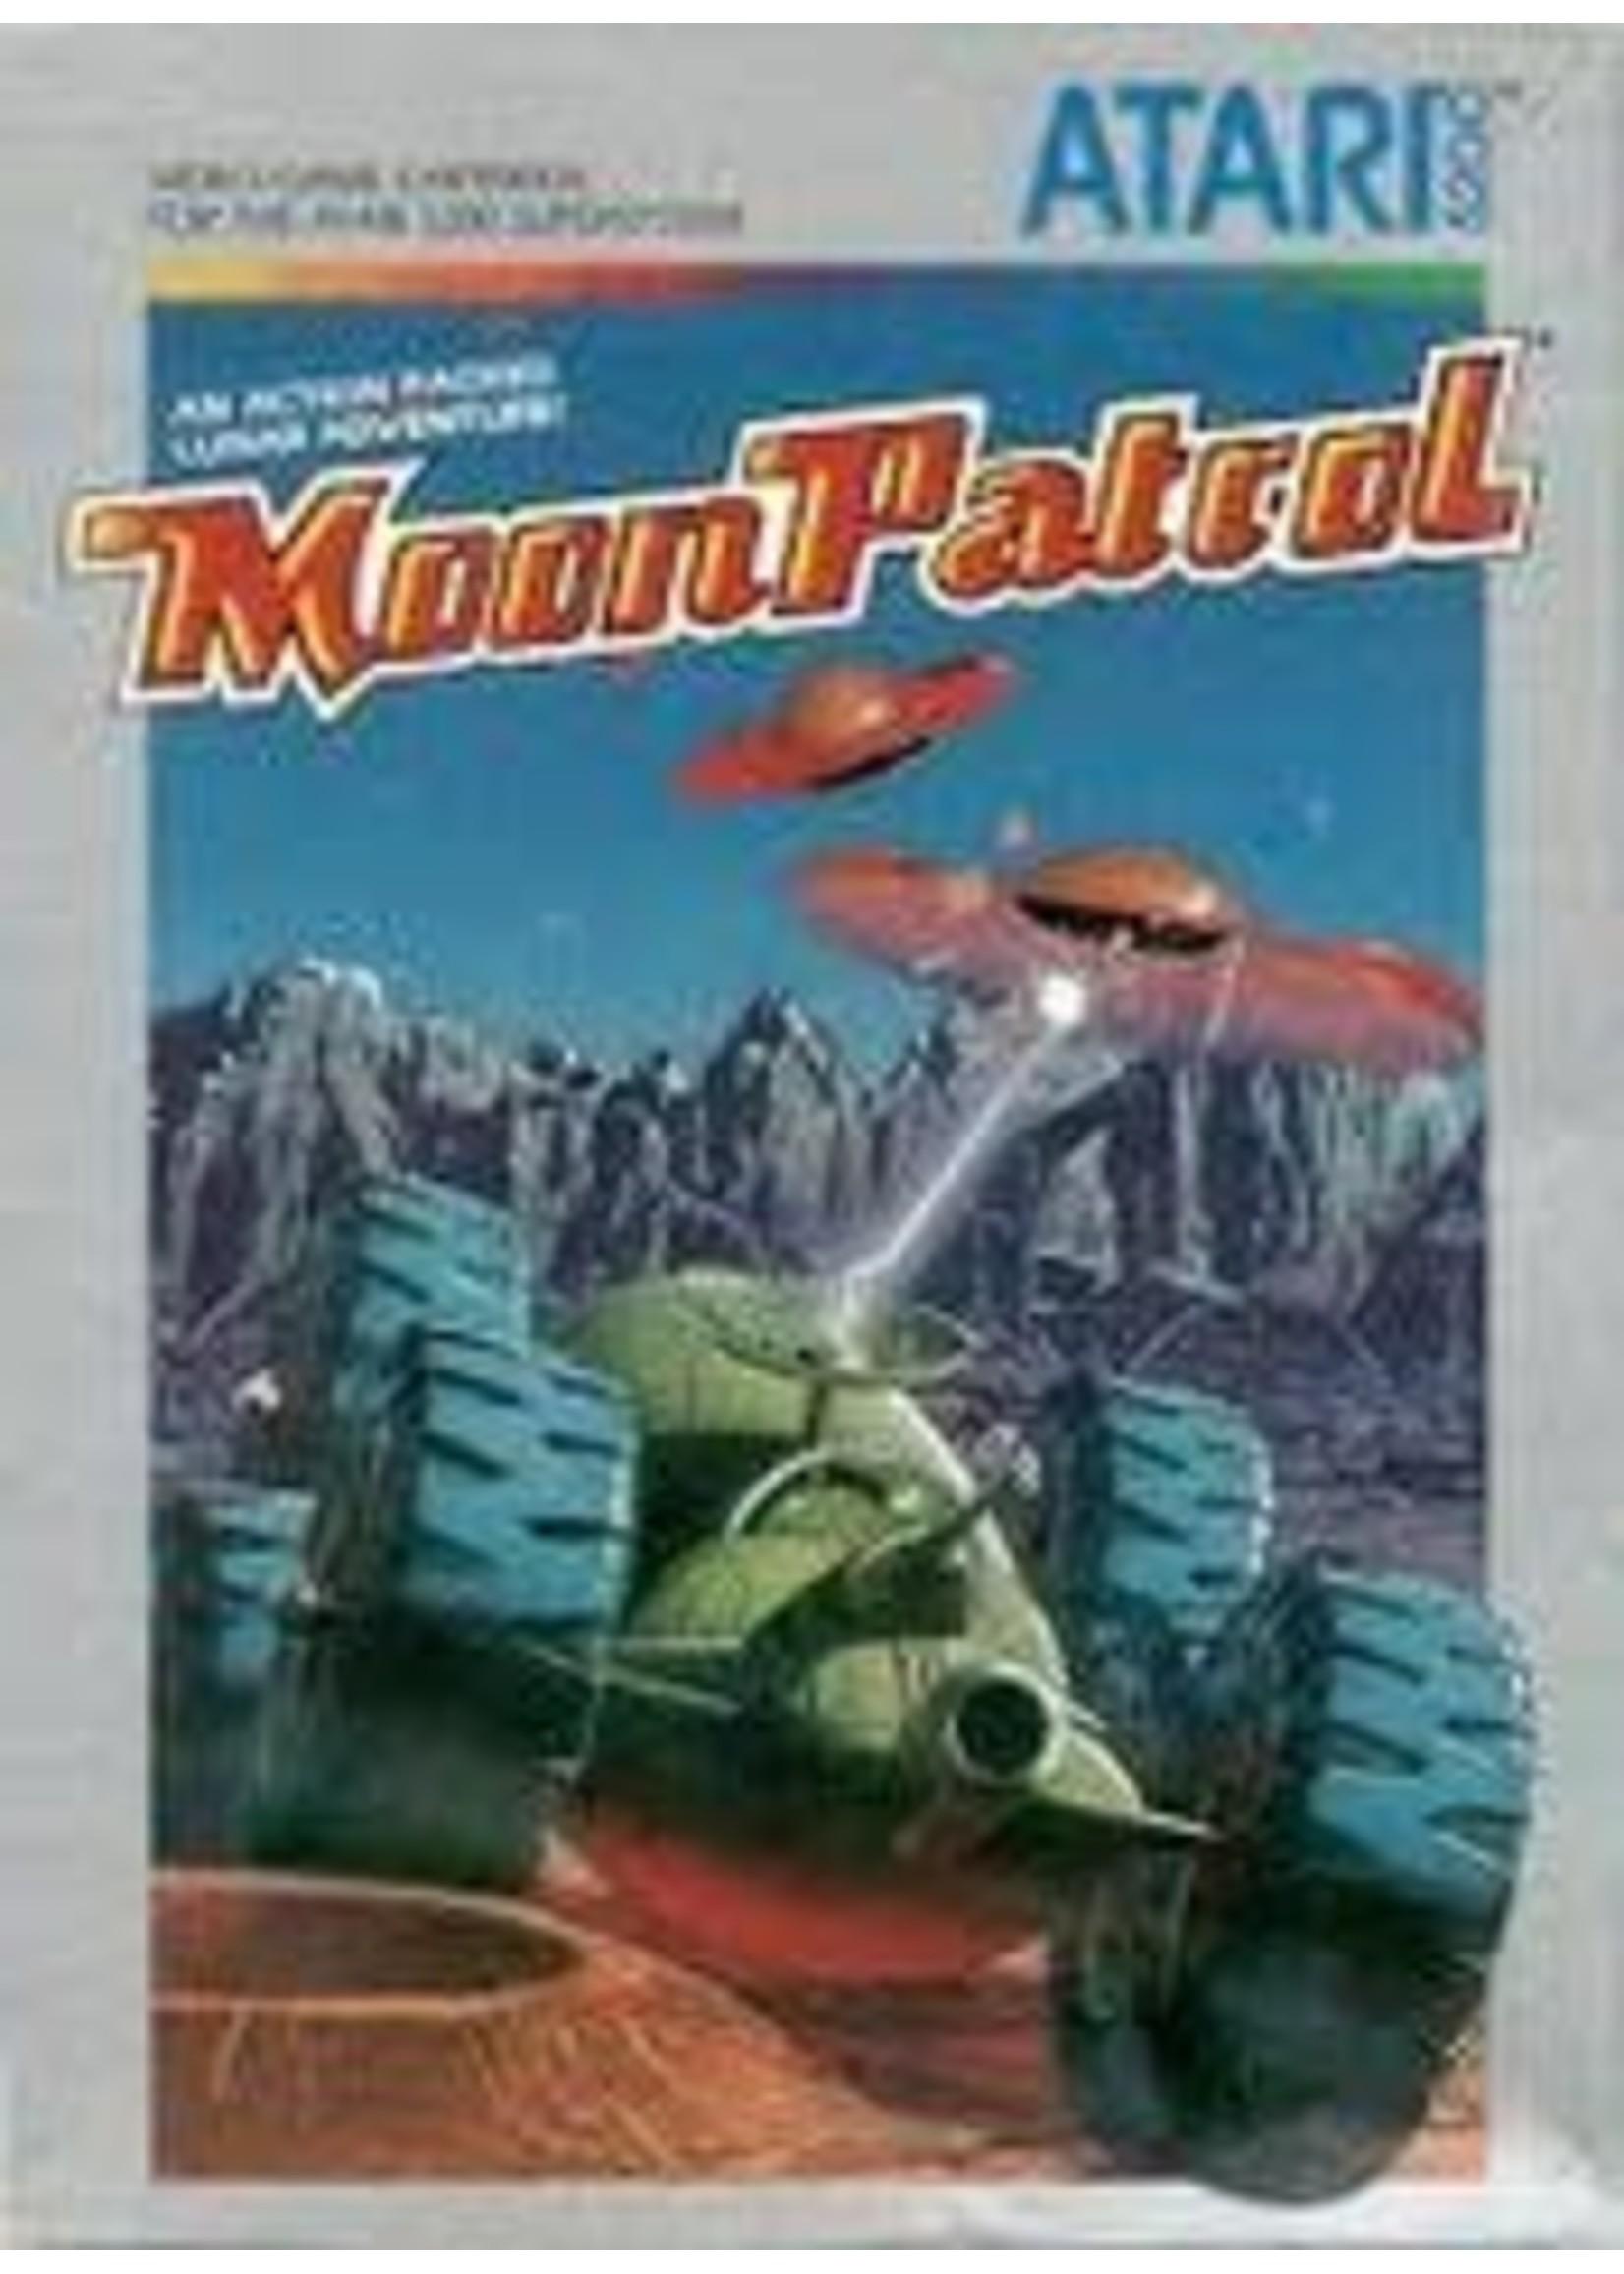 Moon Patrol Atari 5200